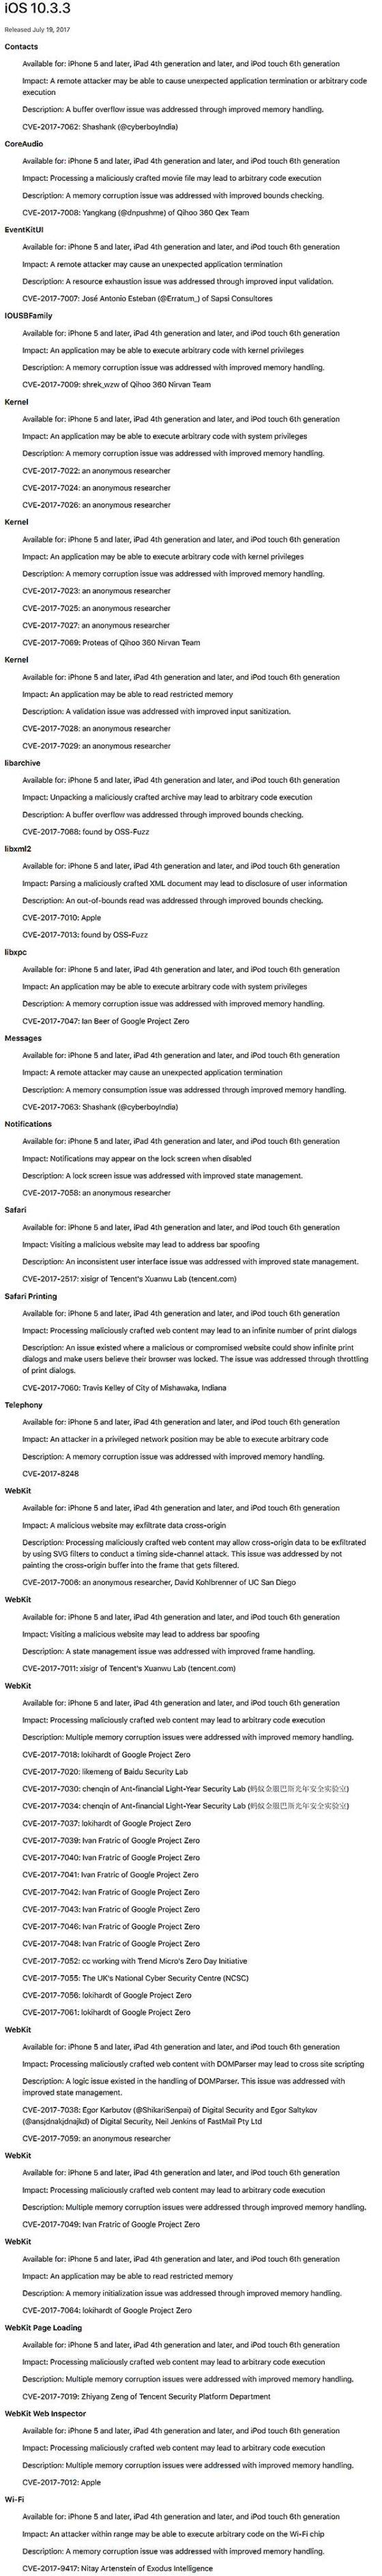 Apple iOS 10.3.3